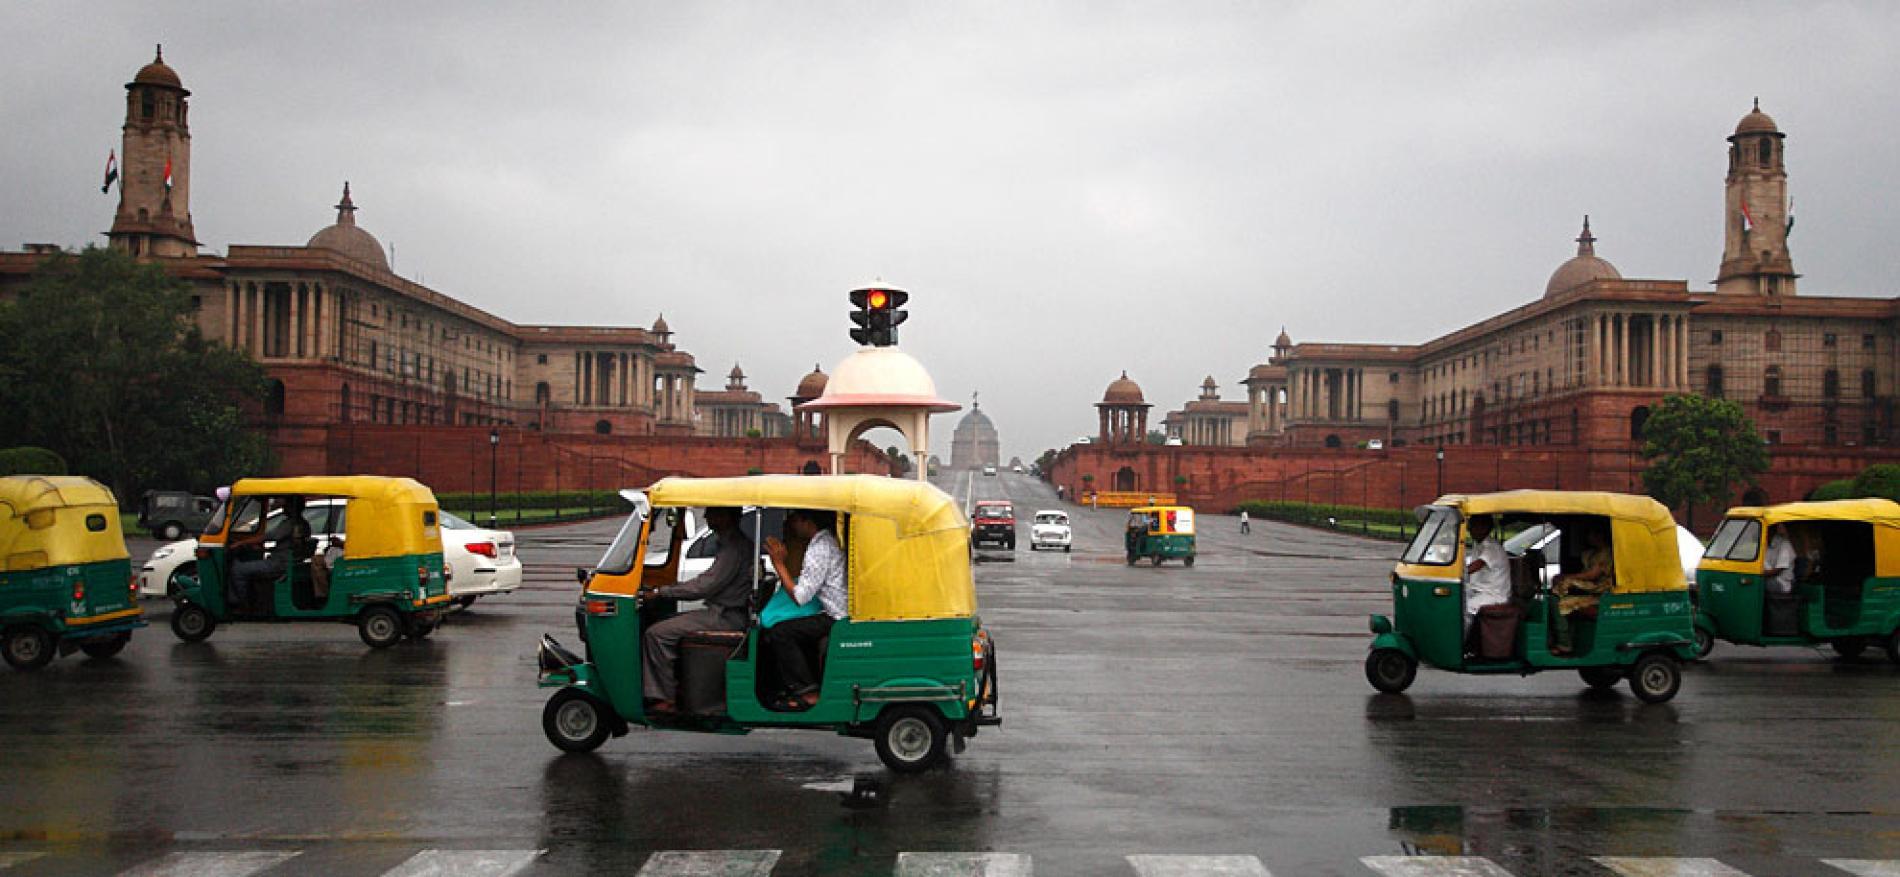 An on-demand transport reservation platform